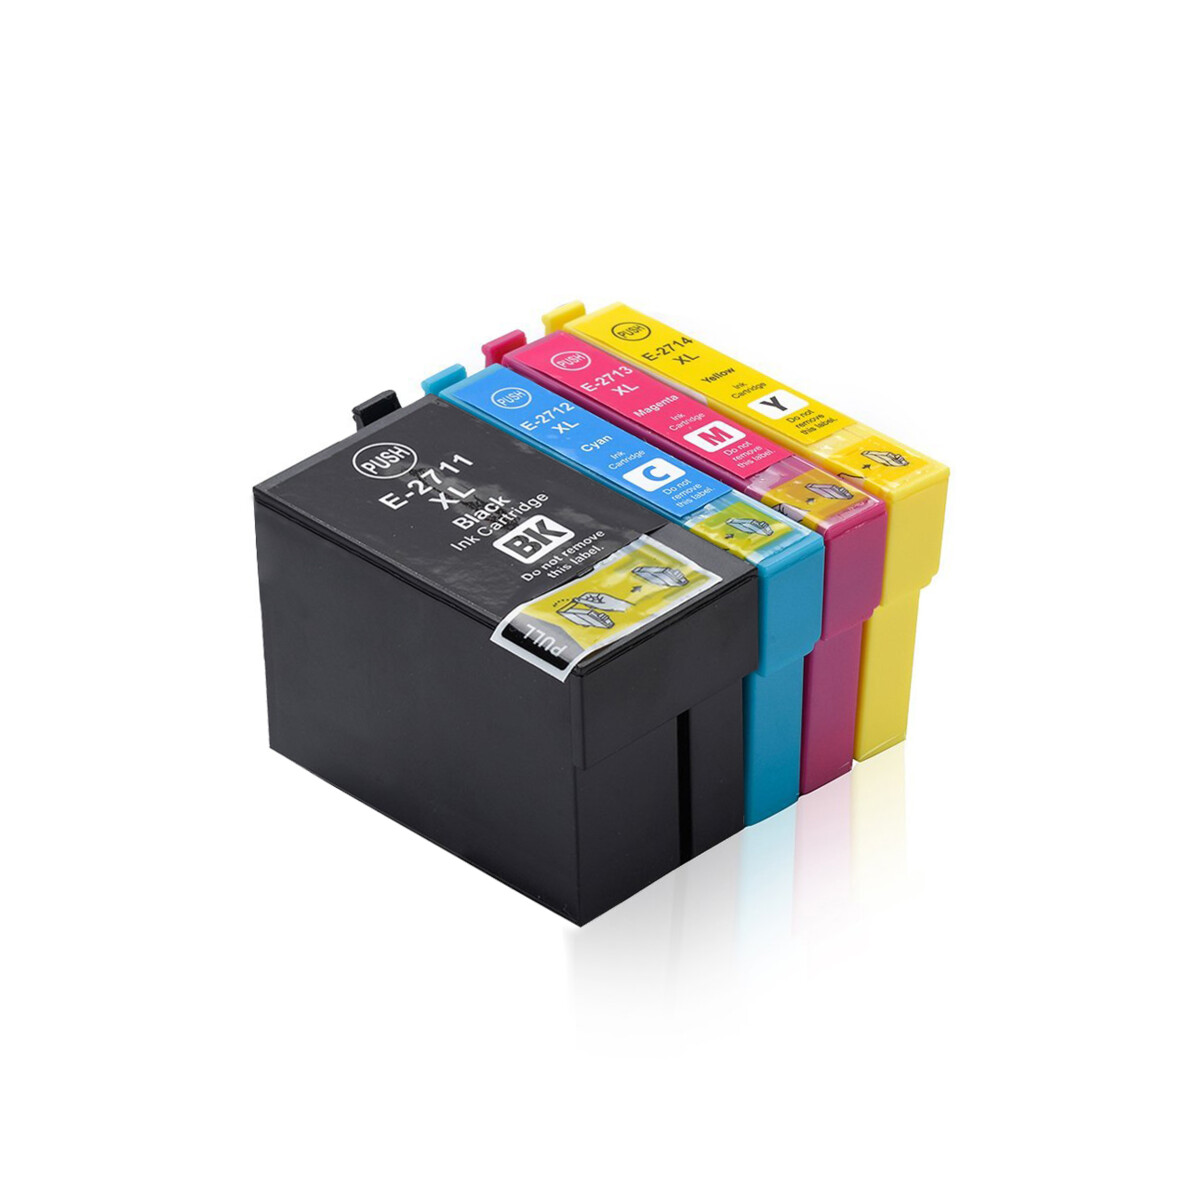 Tonery Náplně Epson T2715, kompatibilný s čipom sada (Multipack CMYK)% - originál